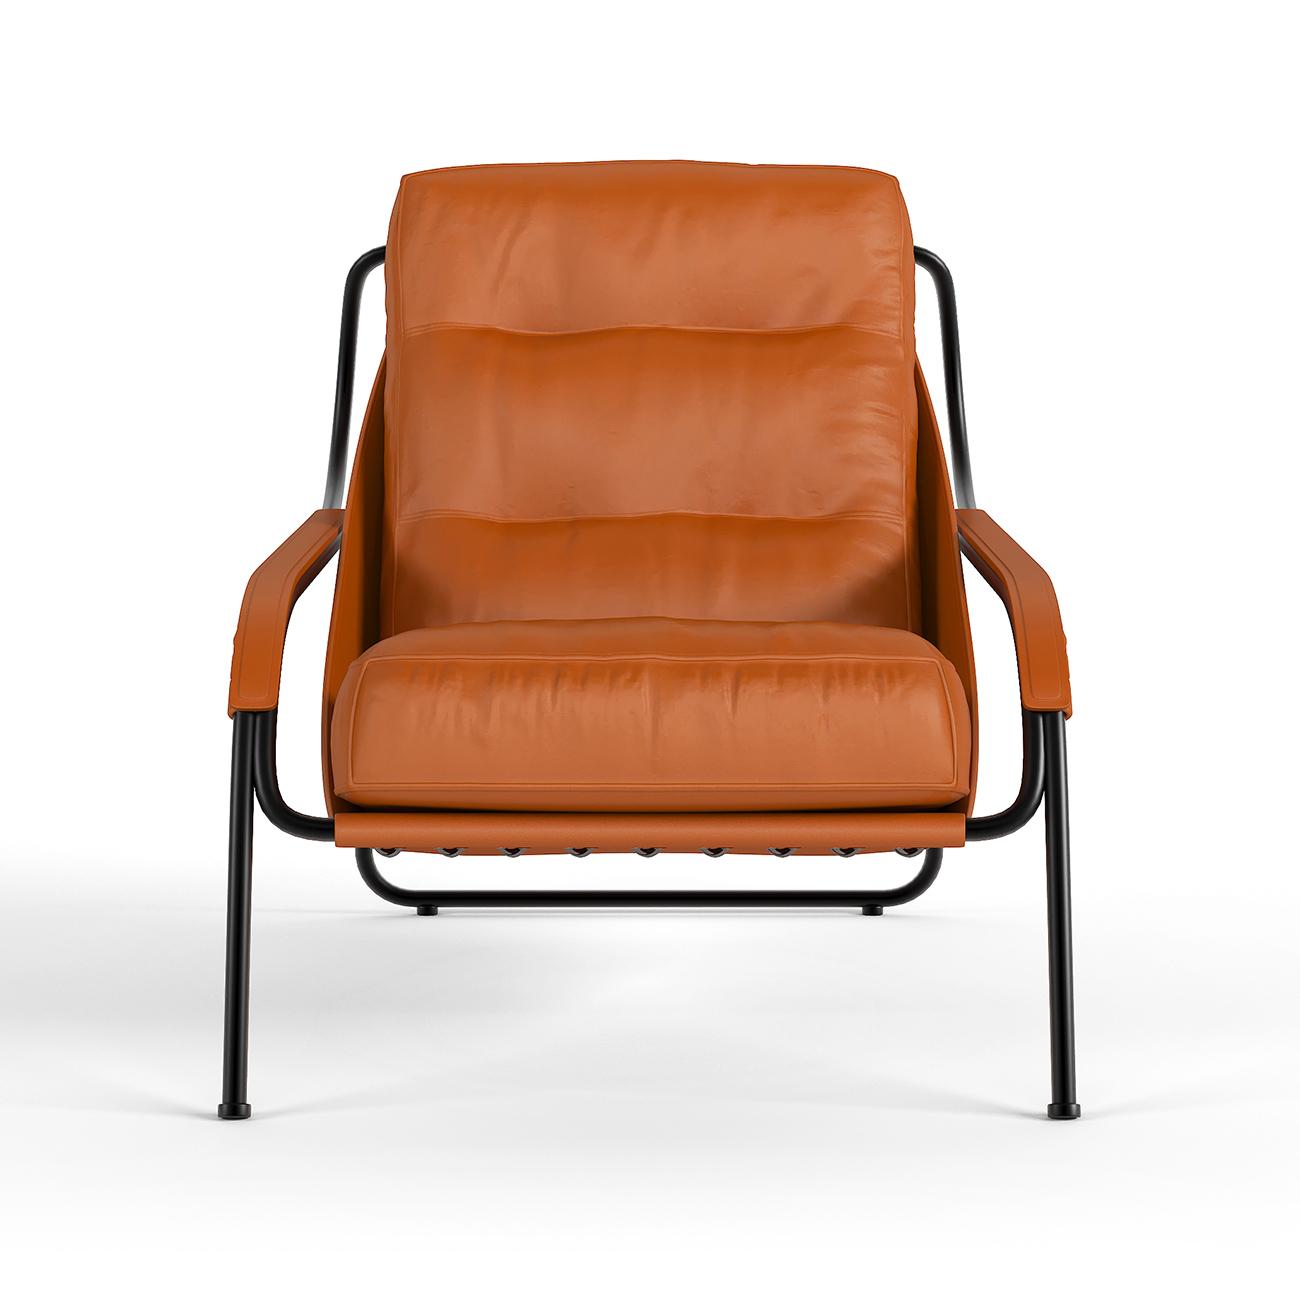 休闲椅丨羽绒填充软包  椅子